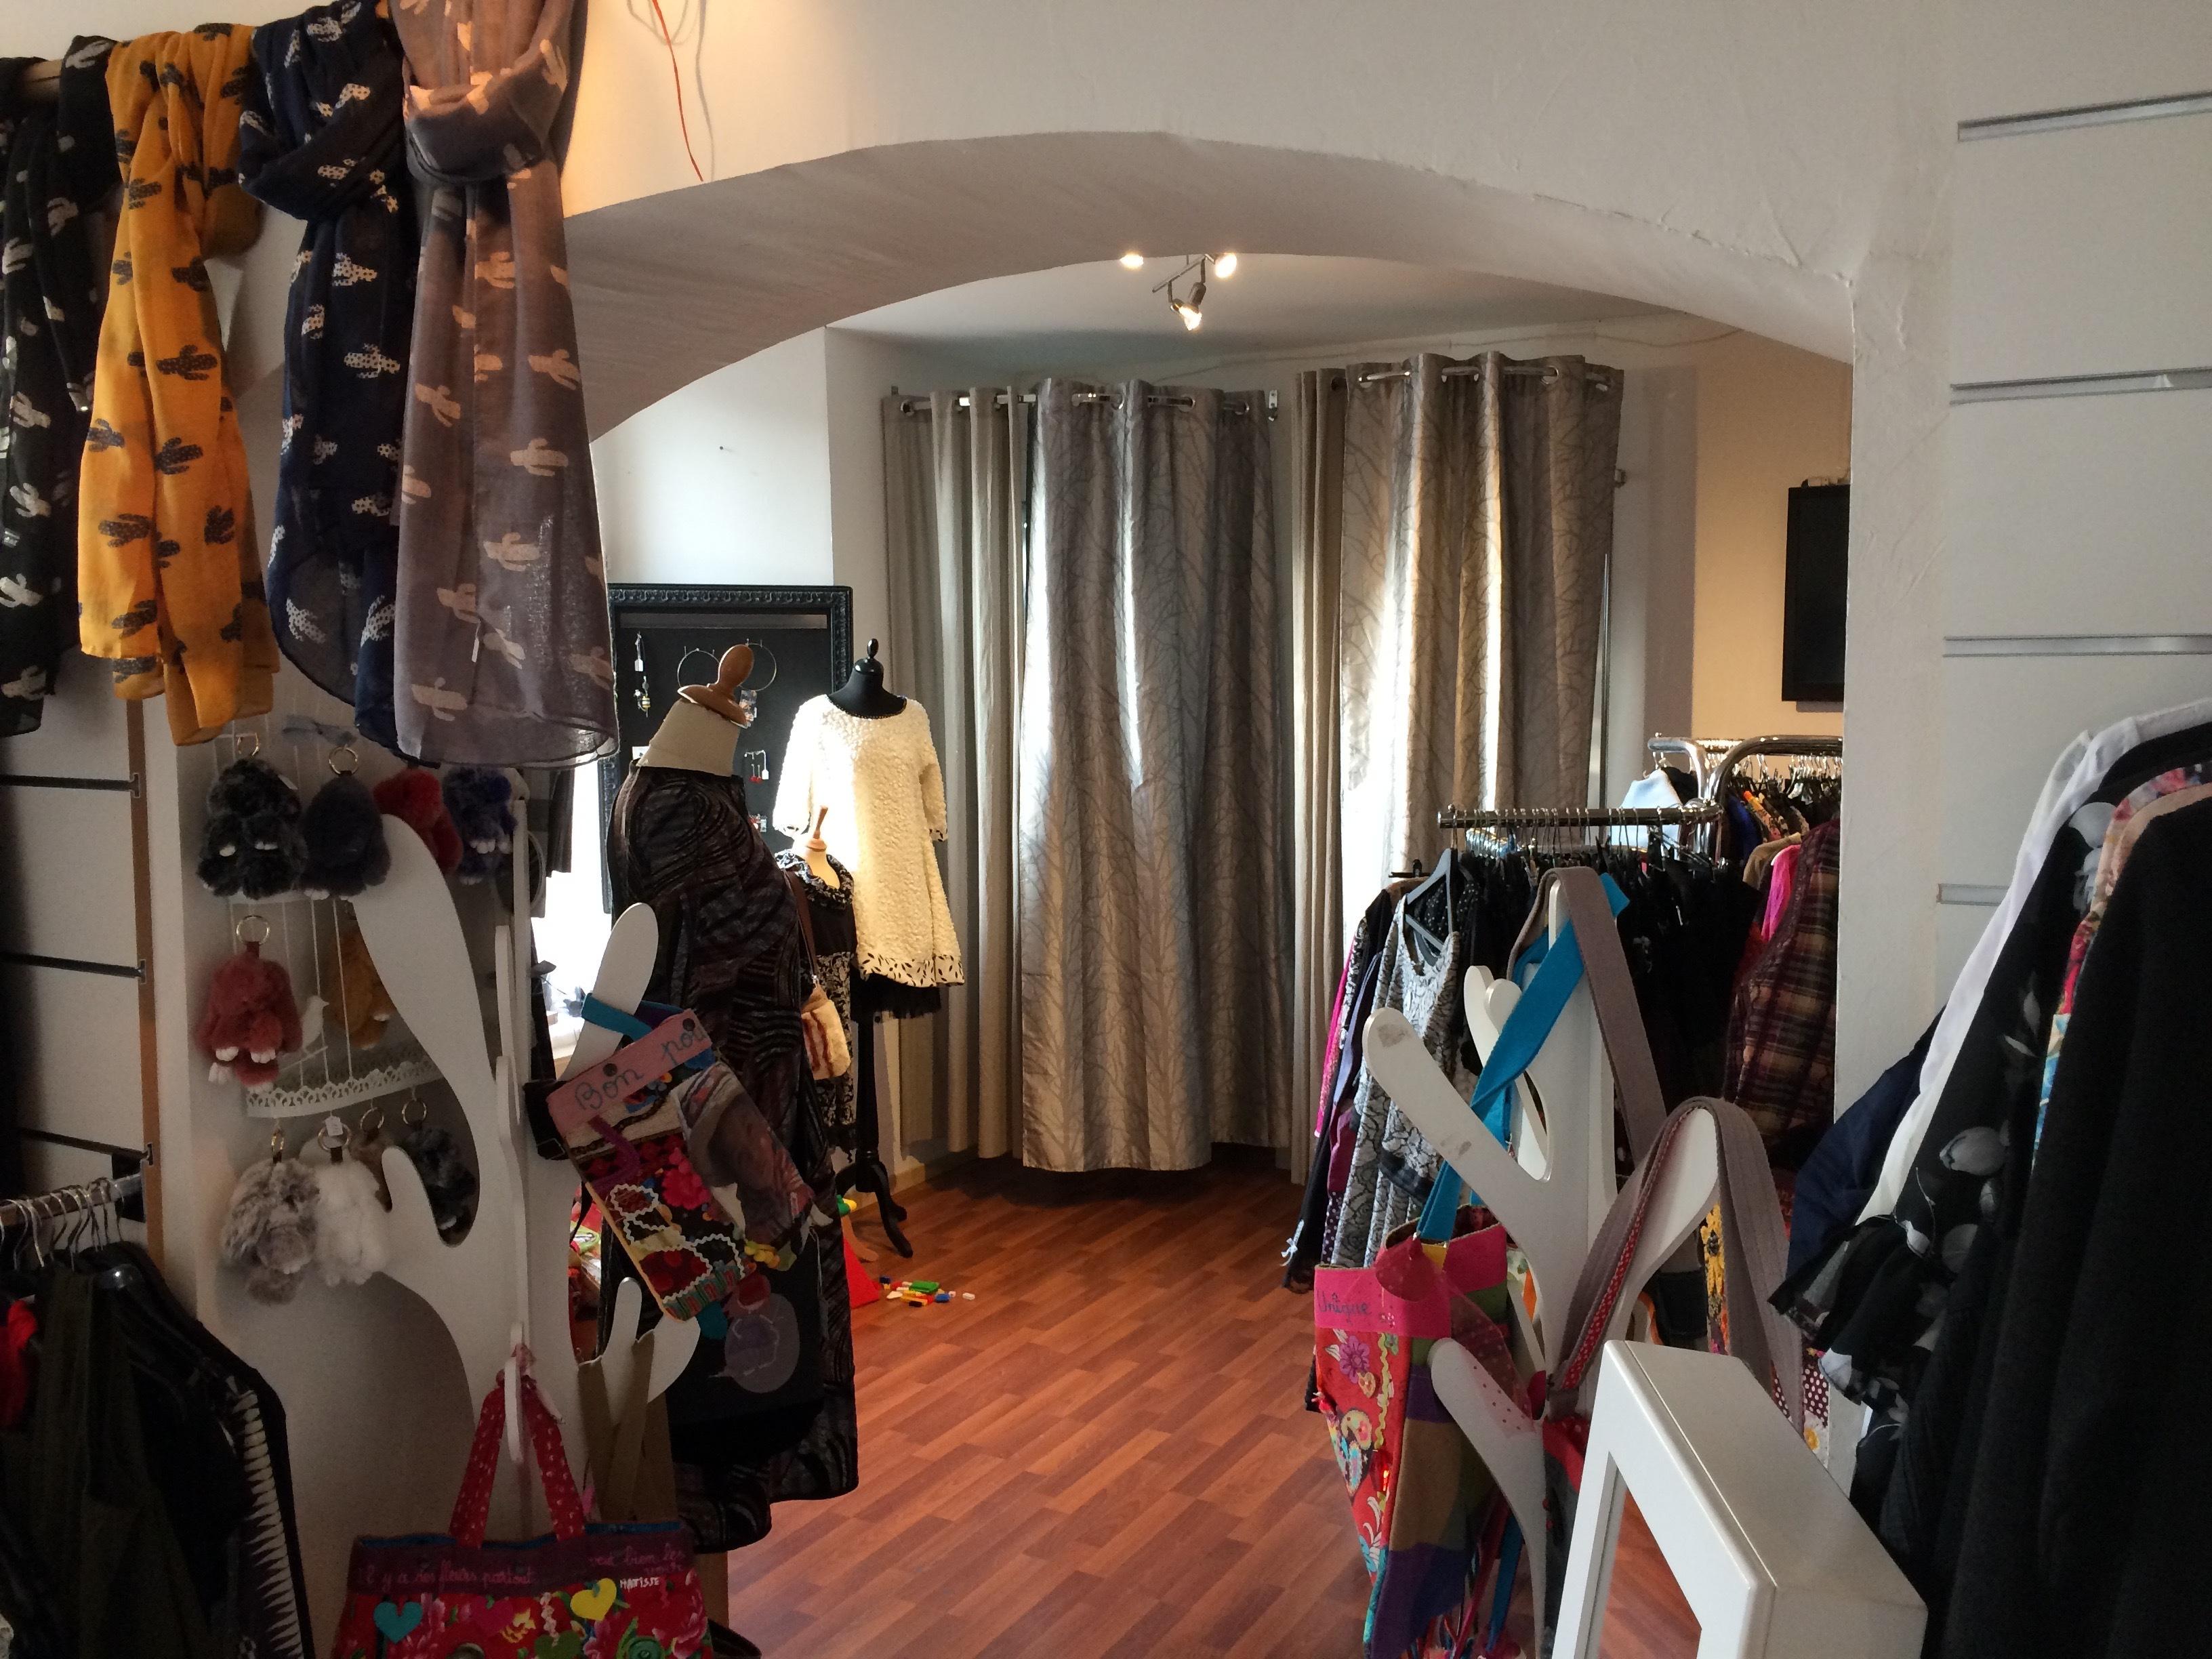 Galerie d'image - Lez'arts boutic